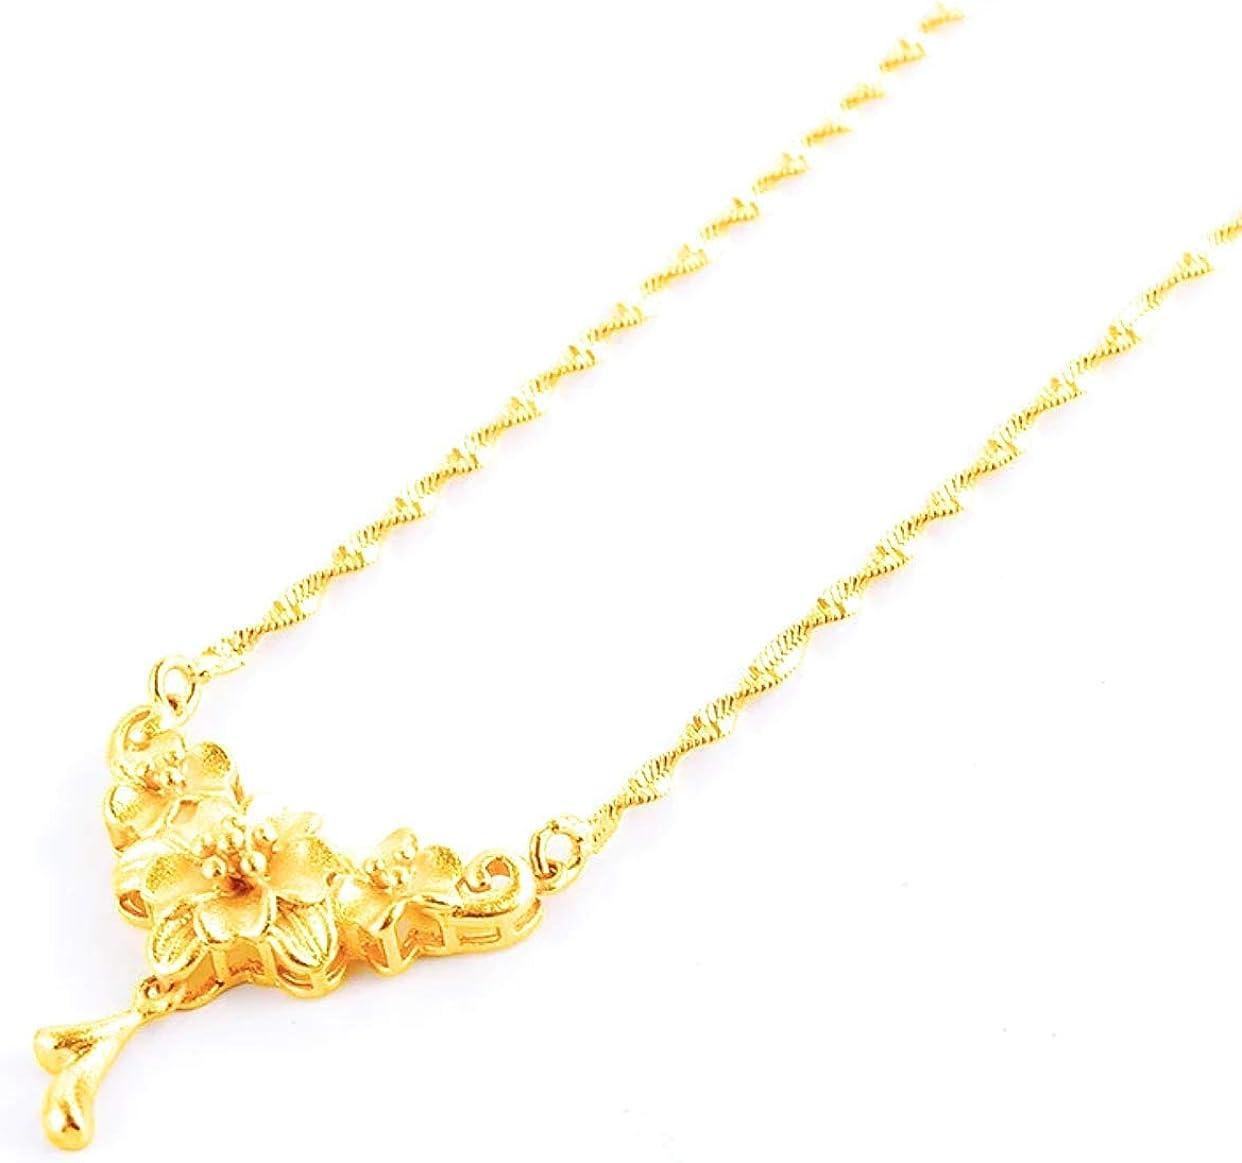 XUPING 24k Saudi ArabGold Plated Necklace